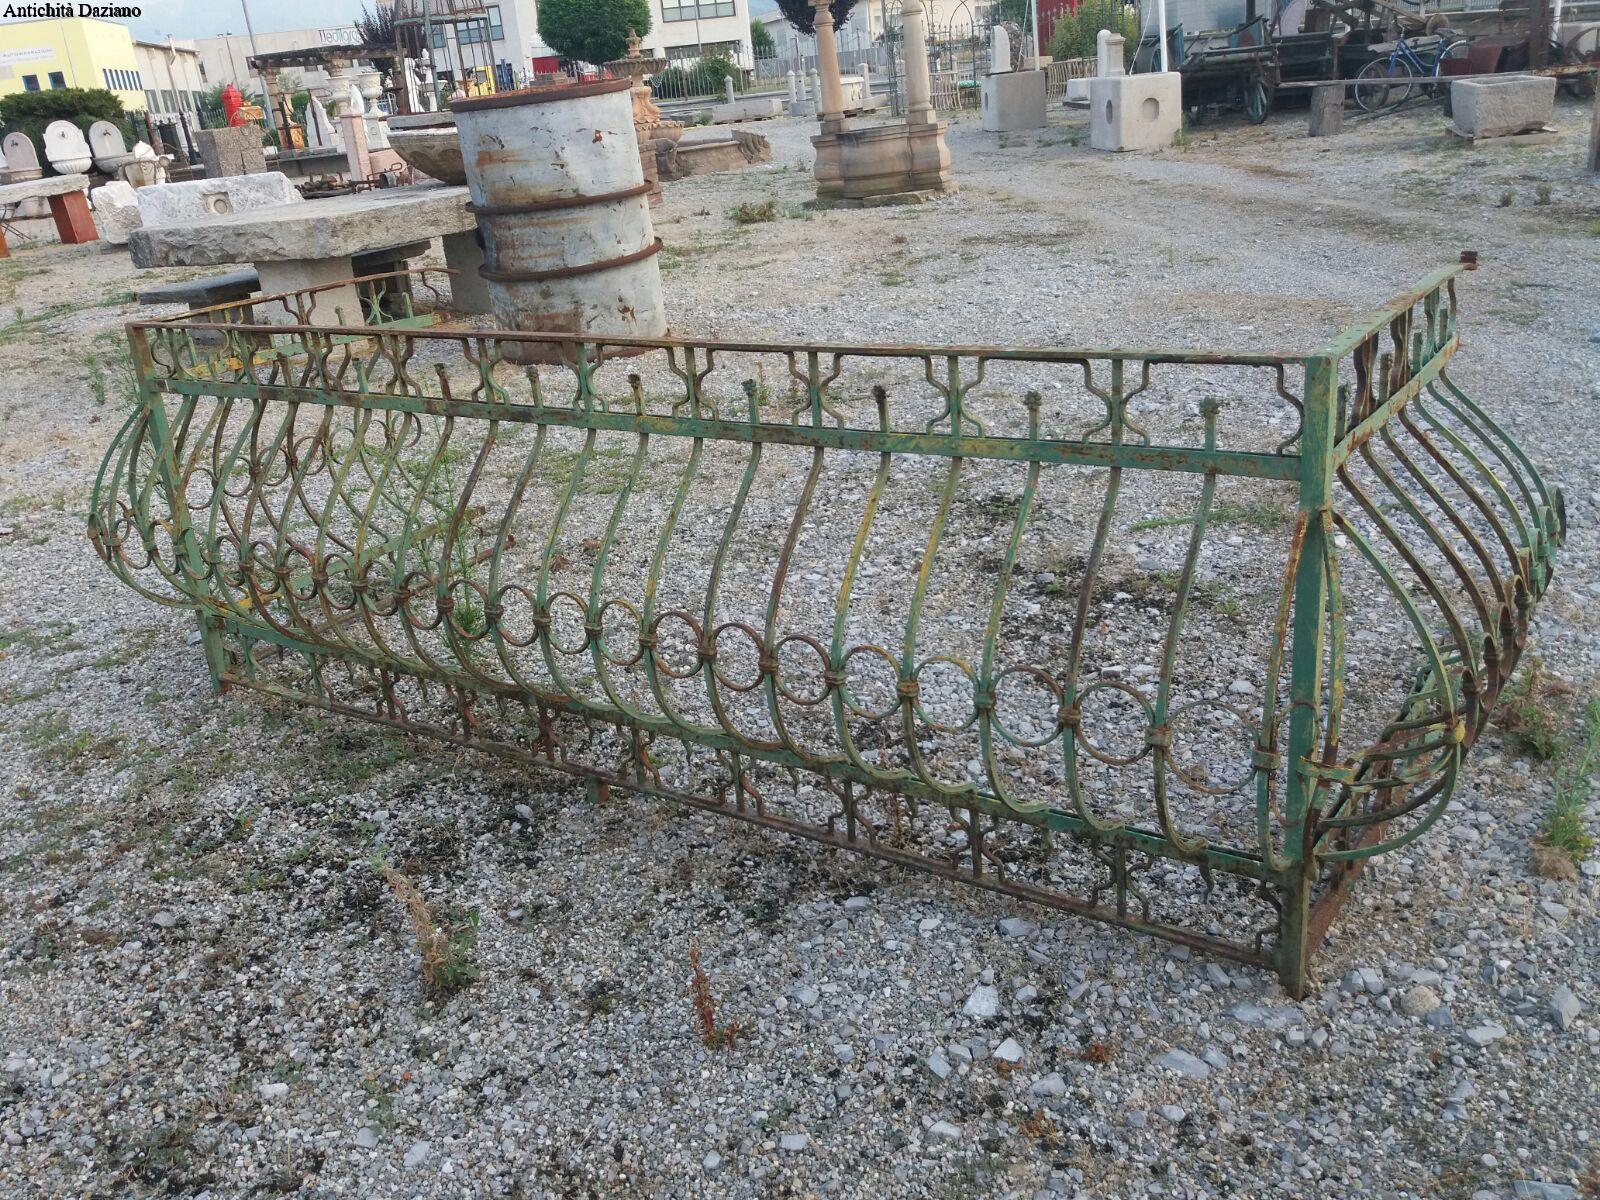 Credenza Da Balcone : Ringhiera da balcone antichità daziano